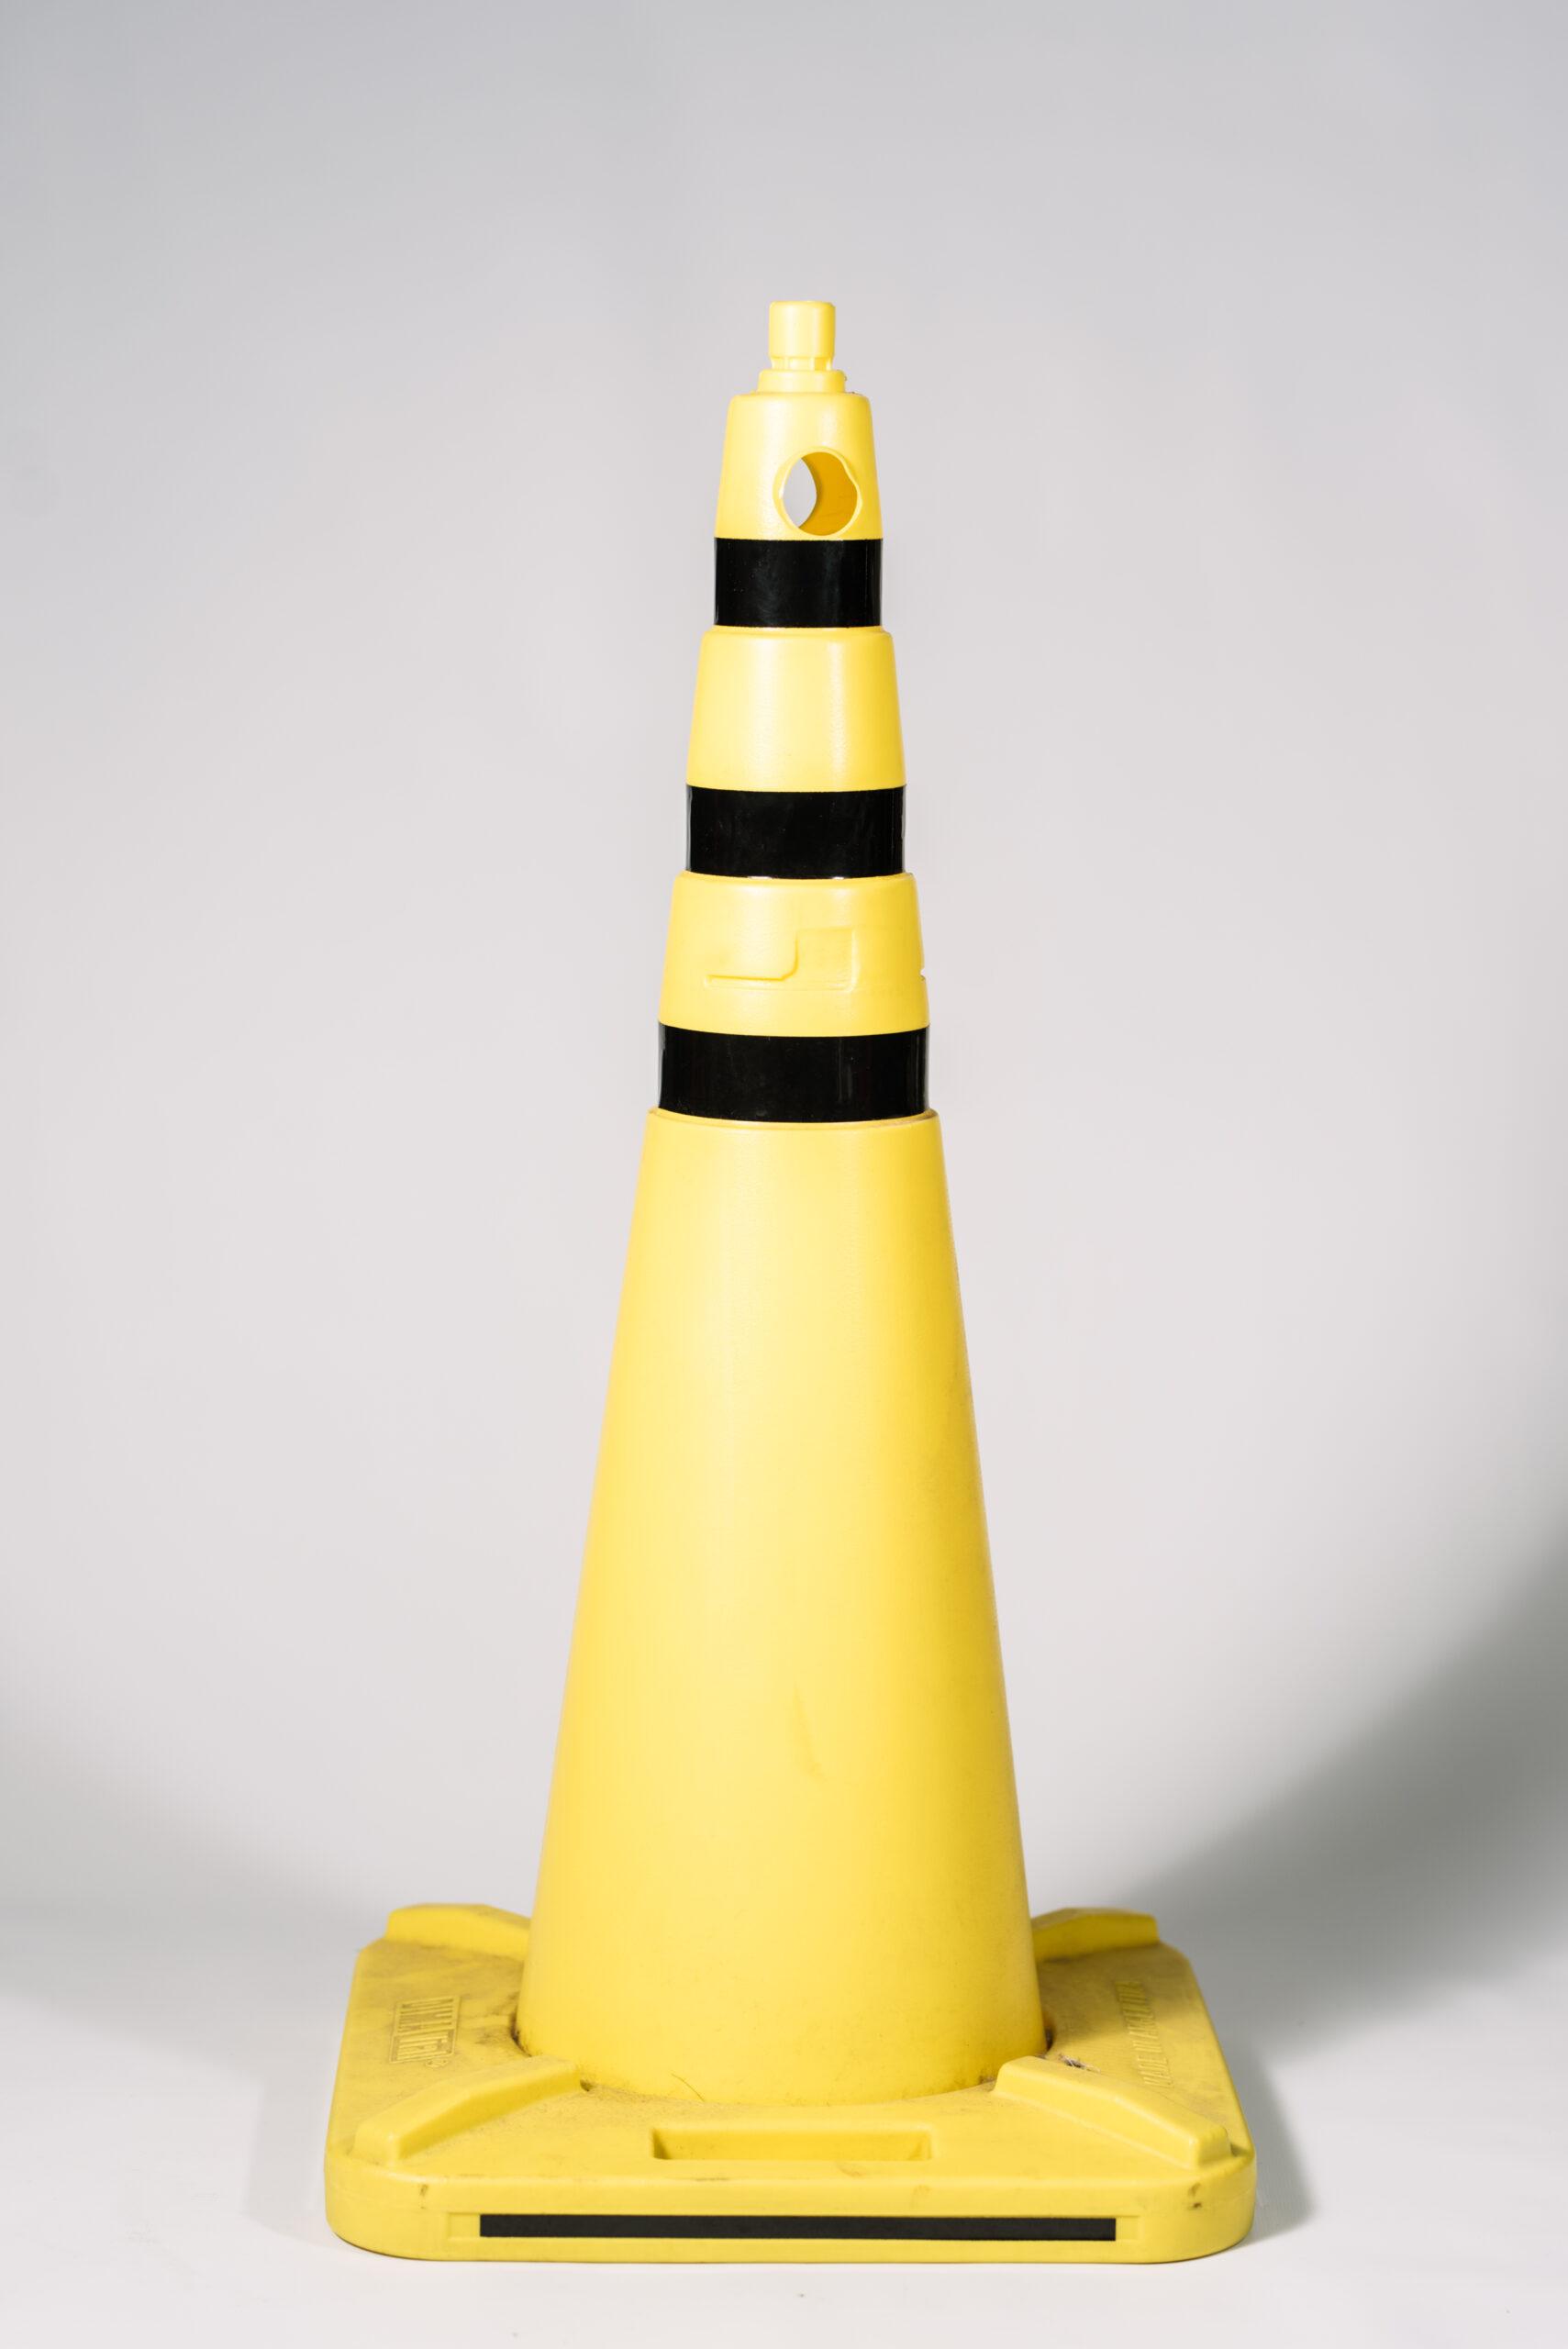 Cono de Seguridad Amarillo y Negro